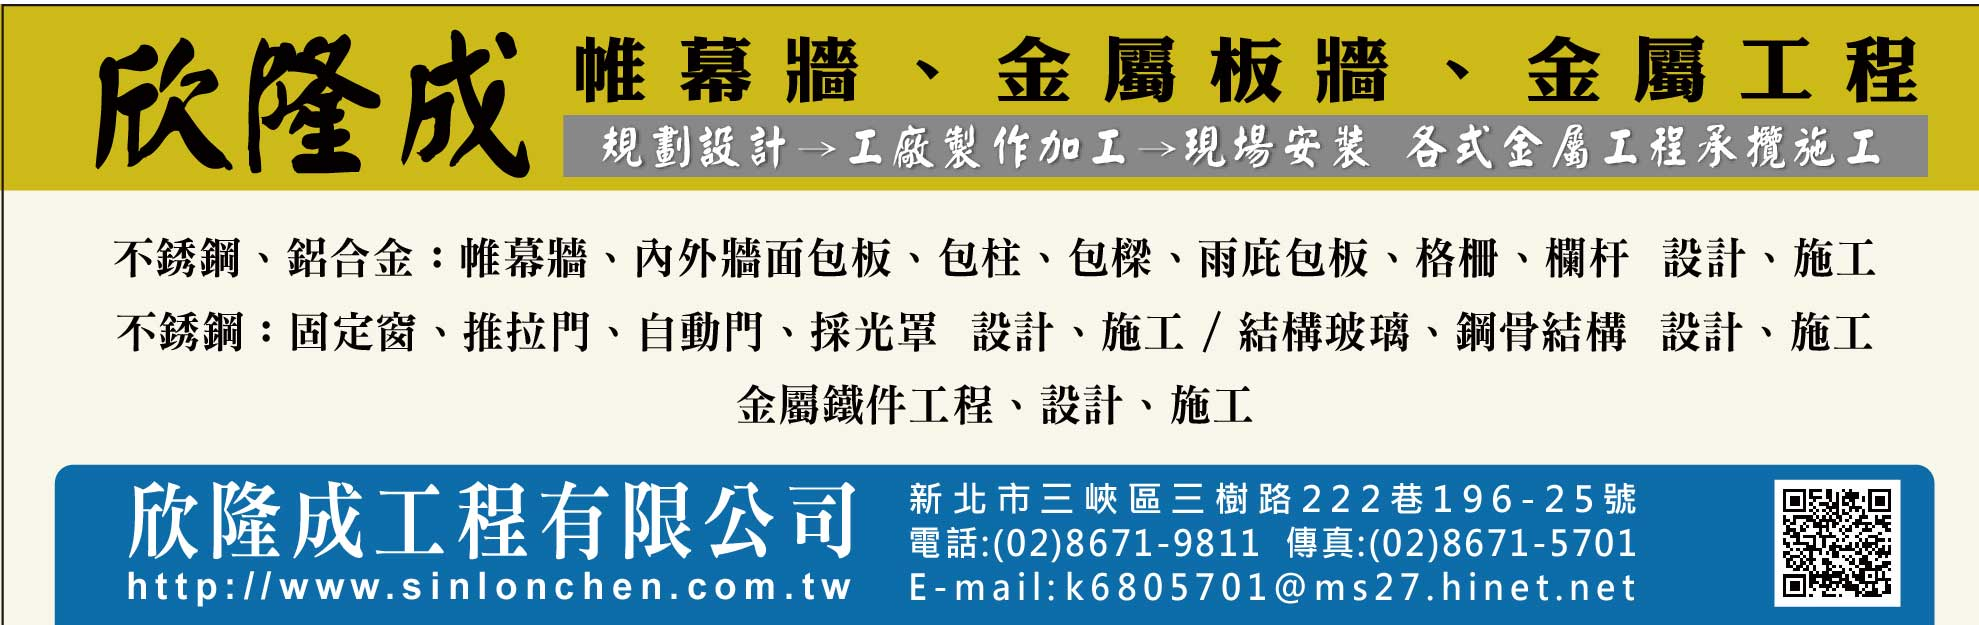 欣隆成工程有限公司-產品型錄,頁碼:1